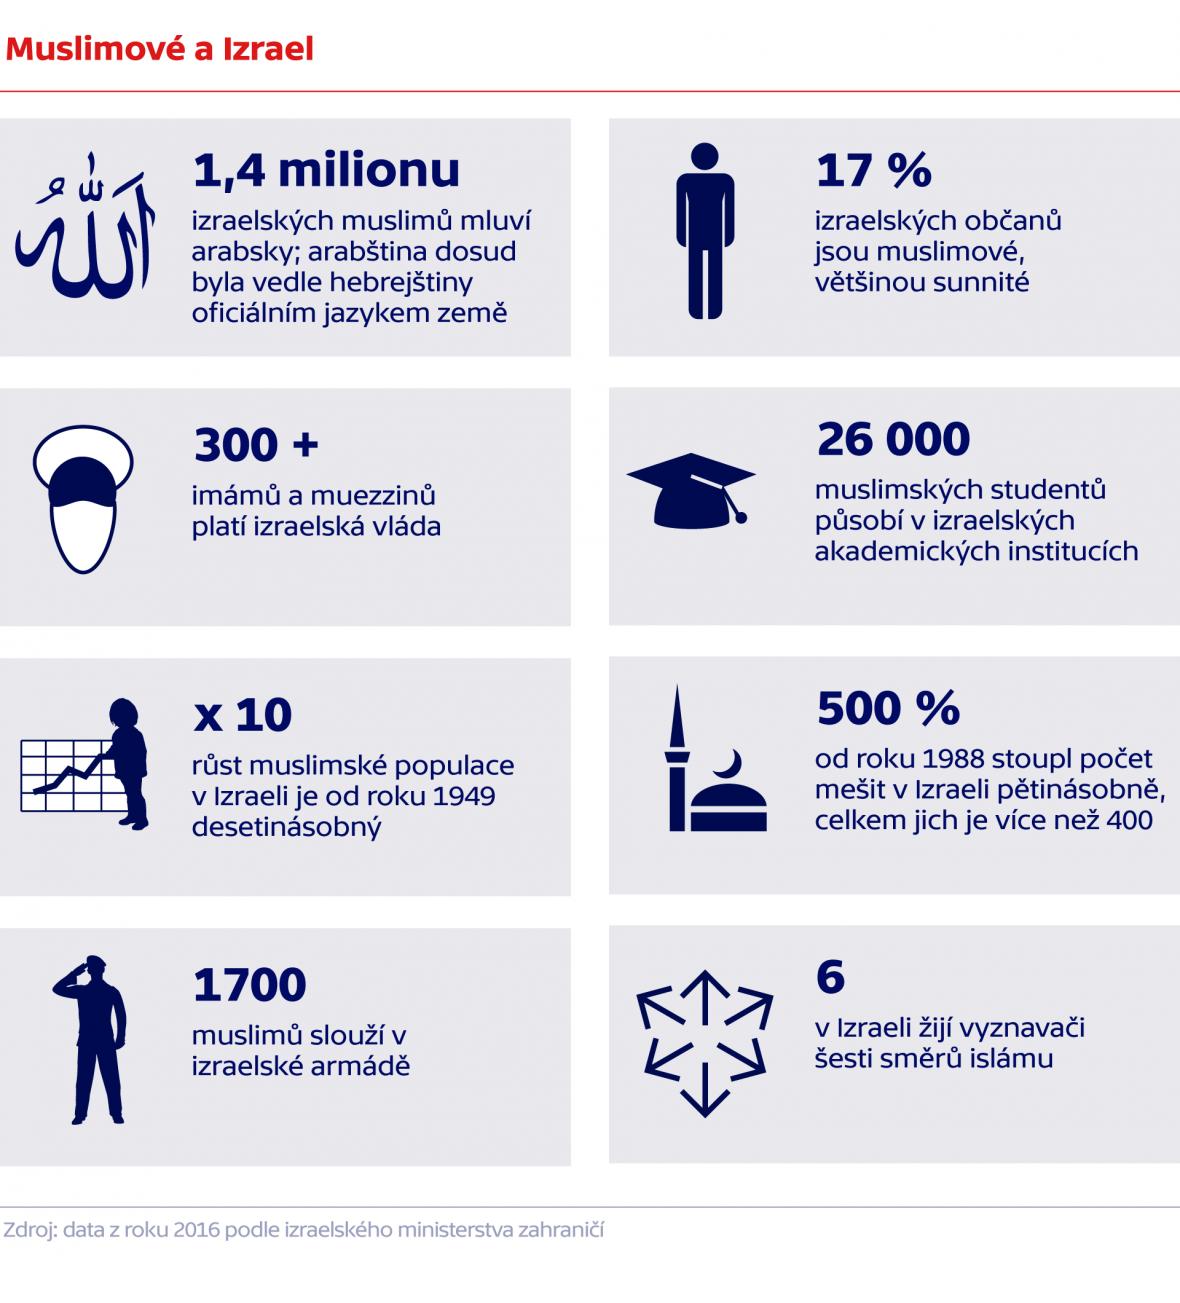 Muslimové a Izrael